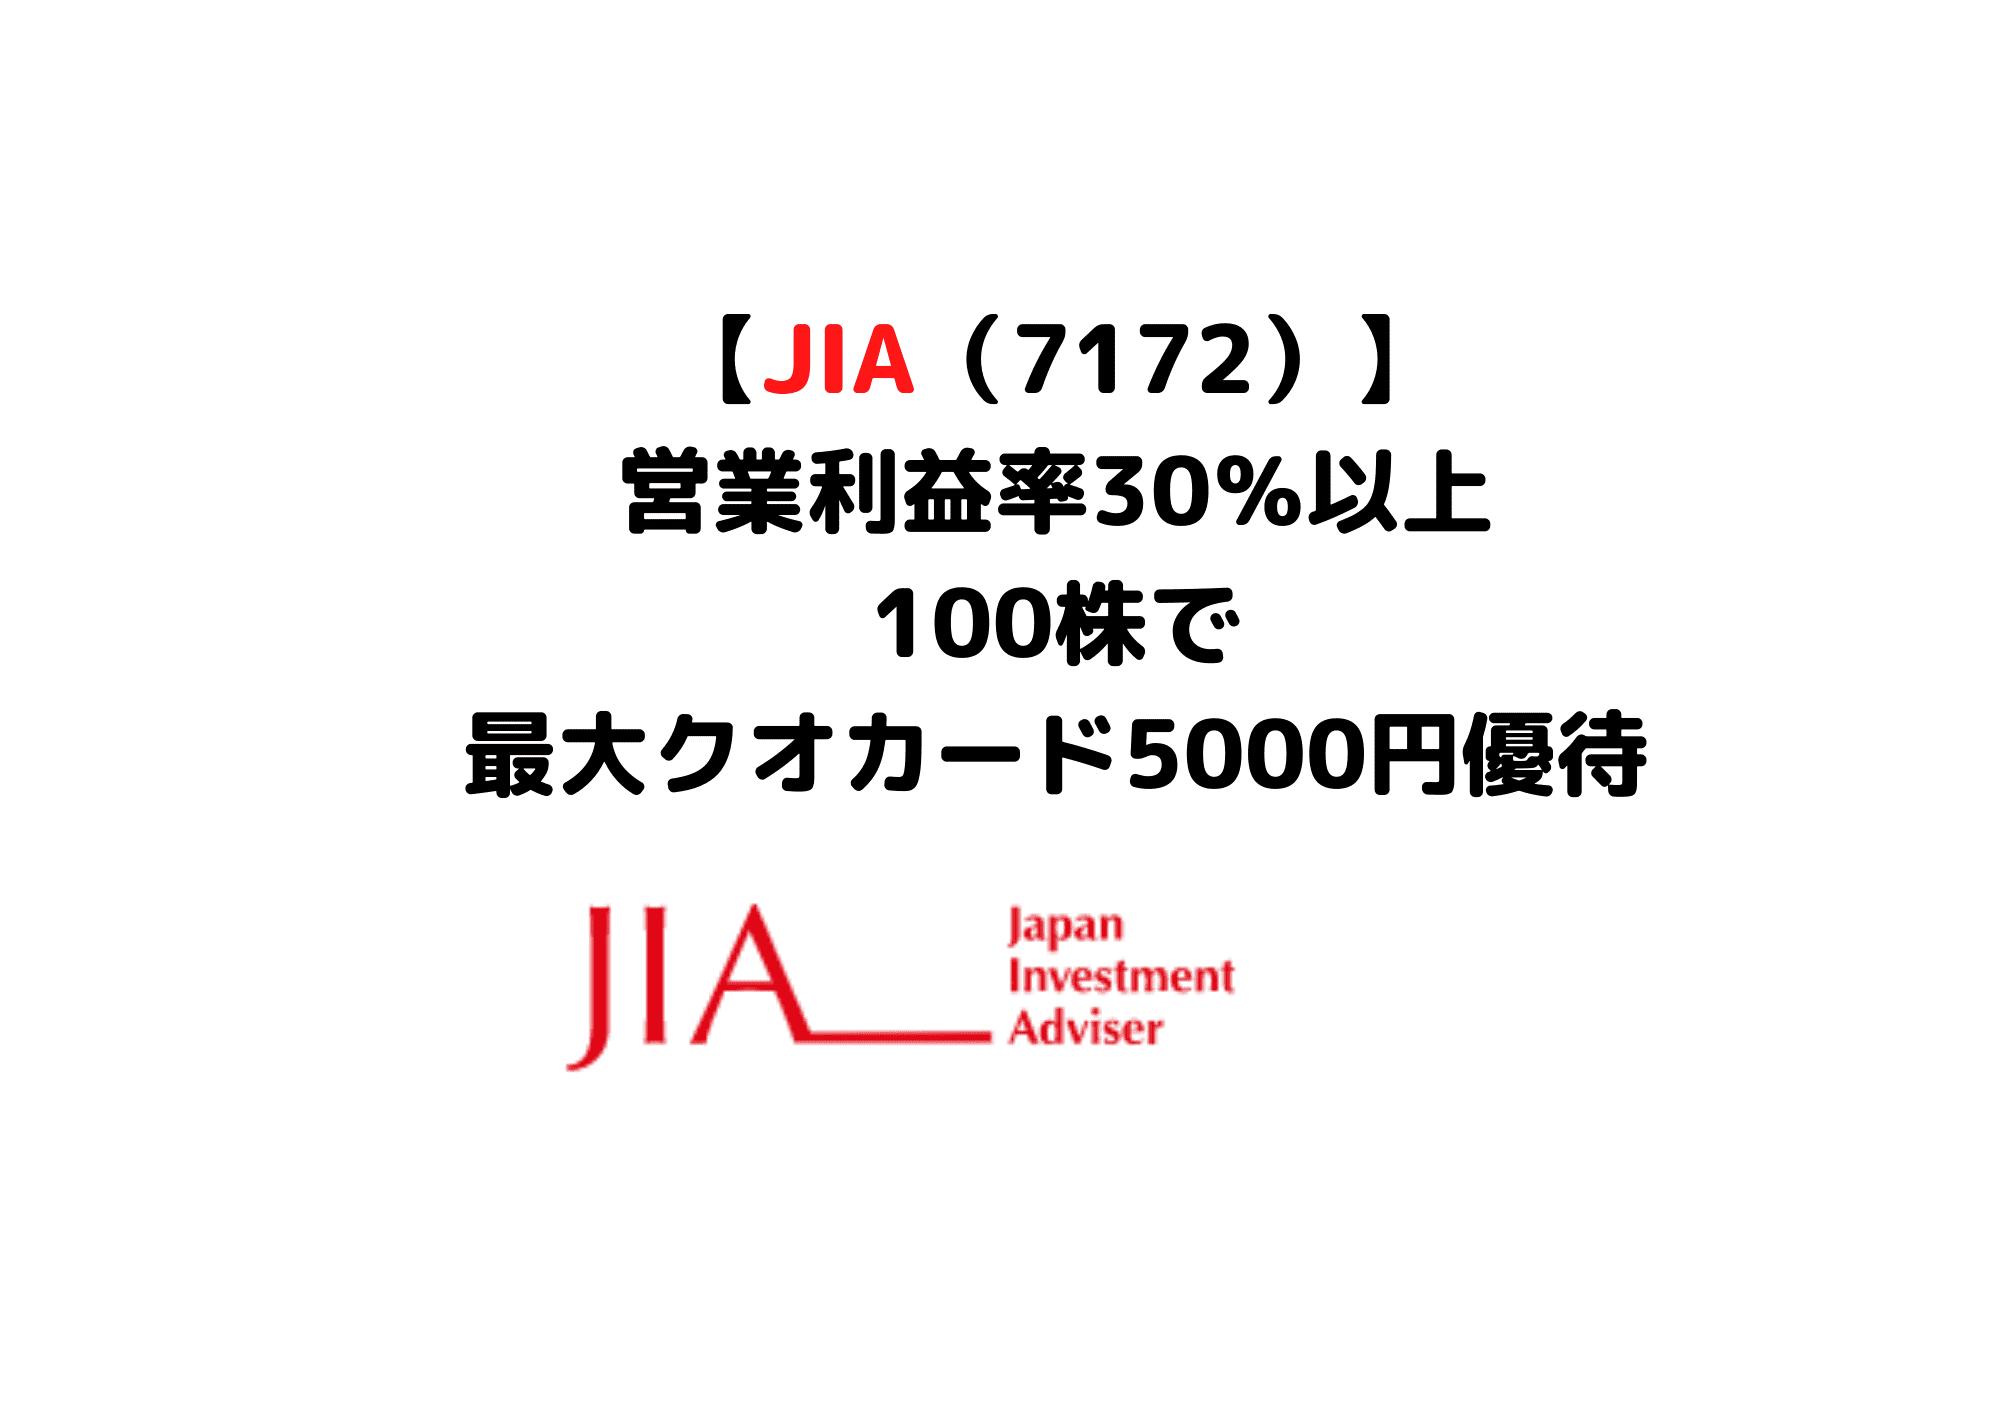 7172 JIA